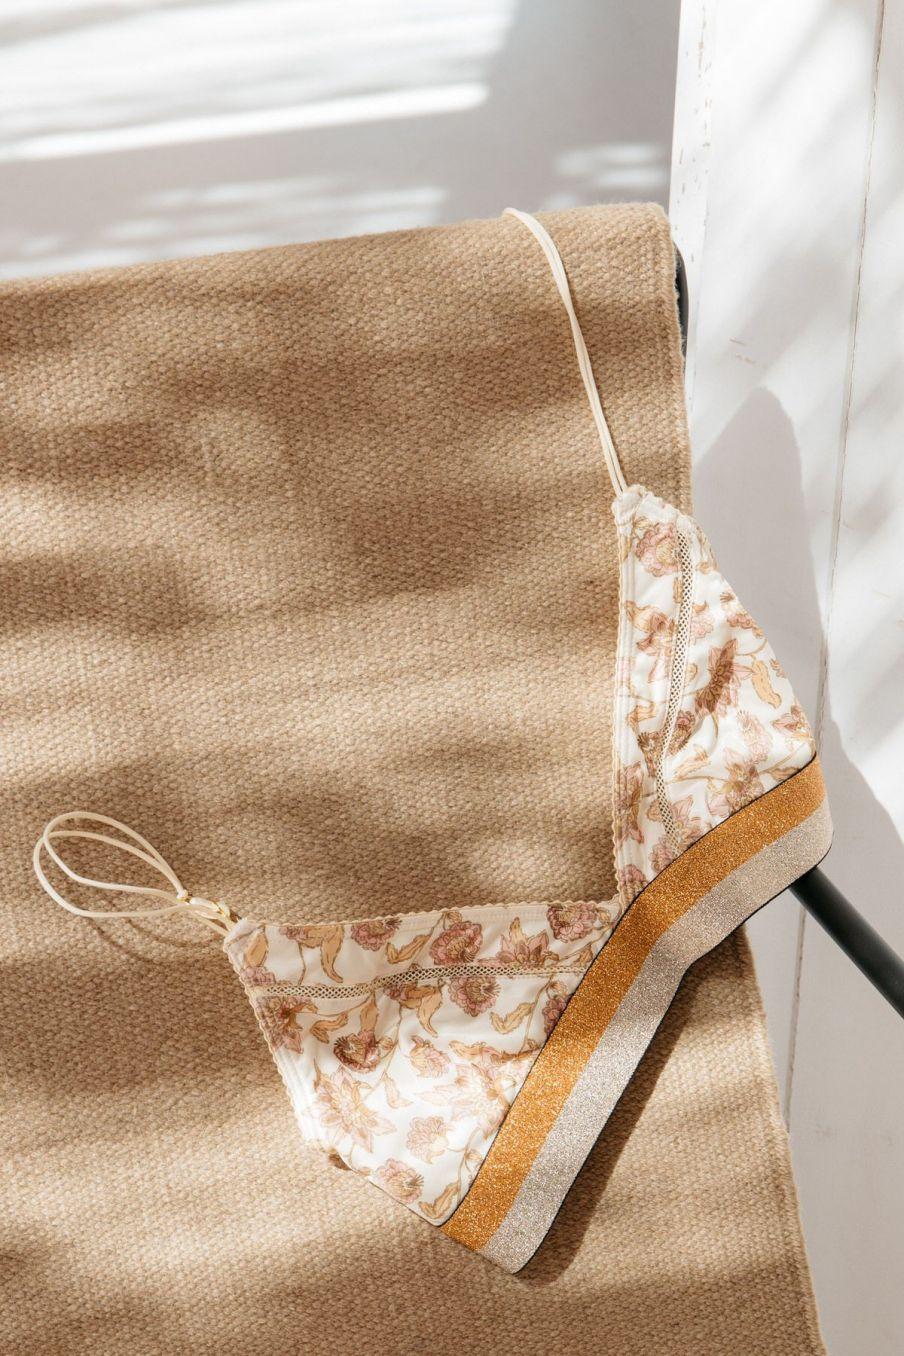 boheme chic vintage soutien-gorge femme shosha blush flowers